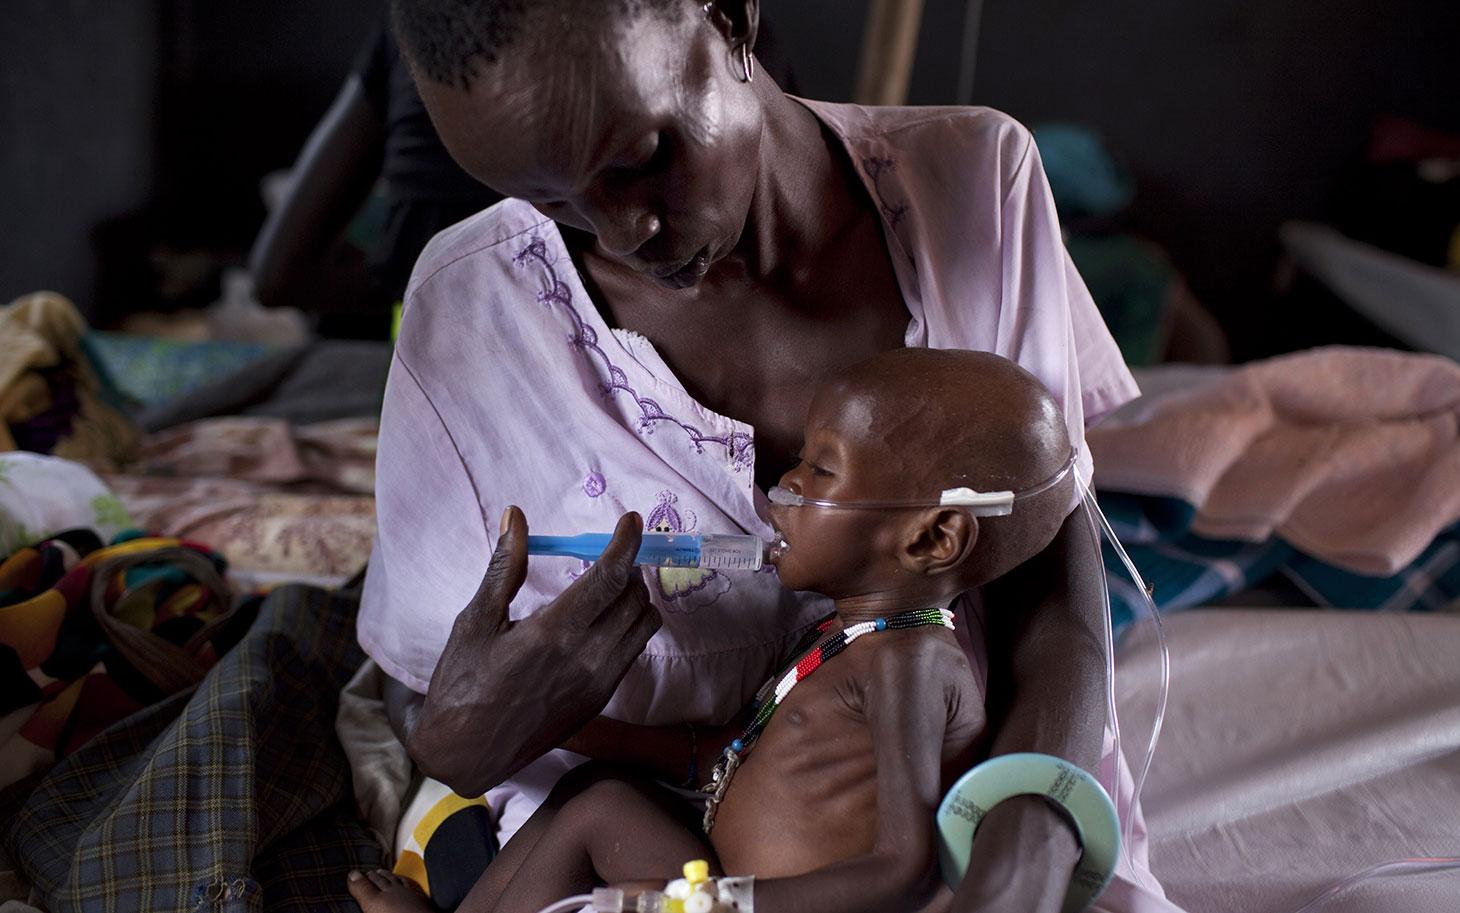 الأمم المتحدة: نصف سكان جنوب السودان يفتقدون الأمن الغذائي